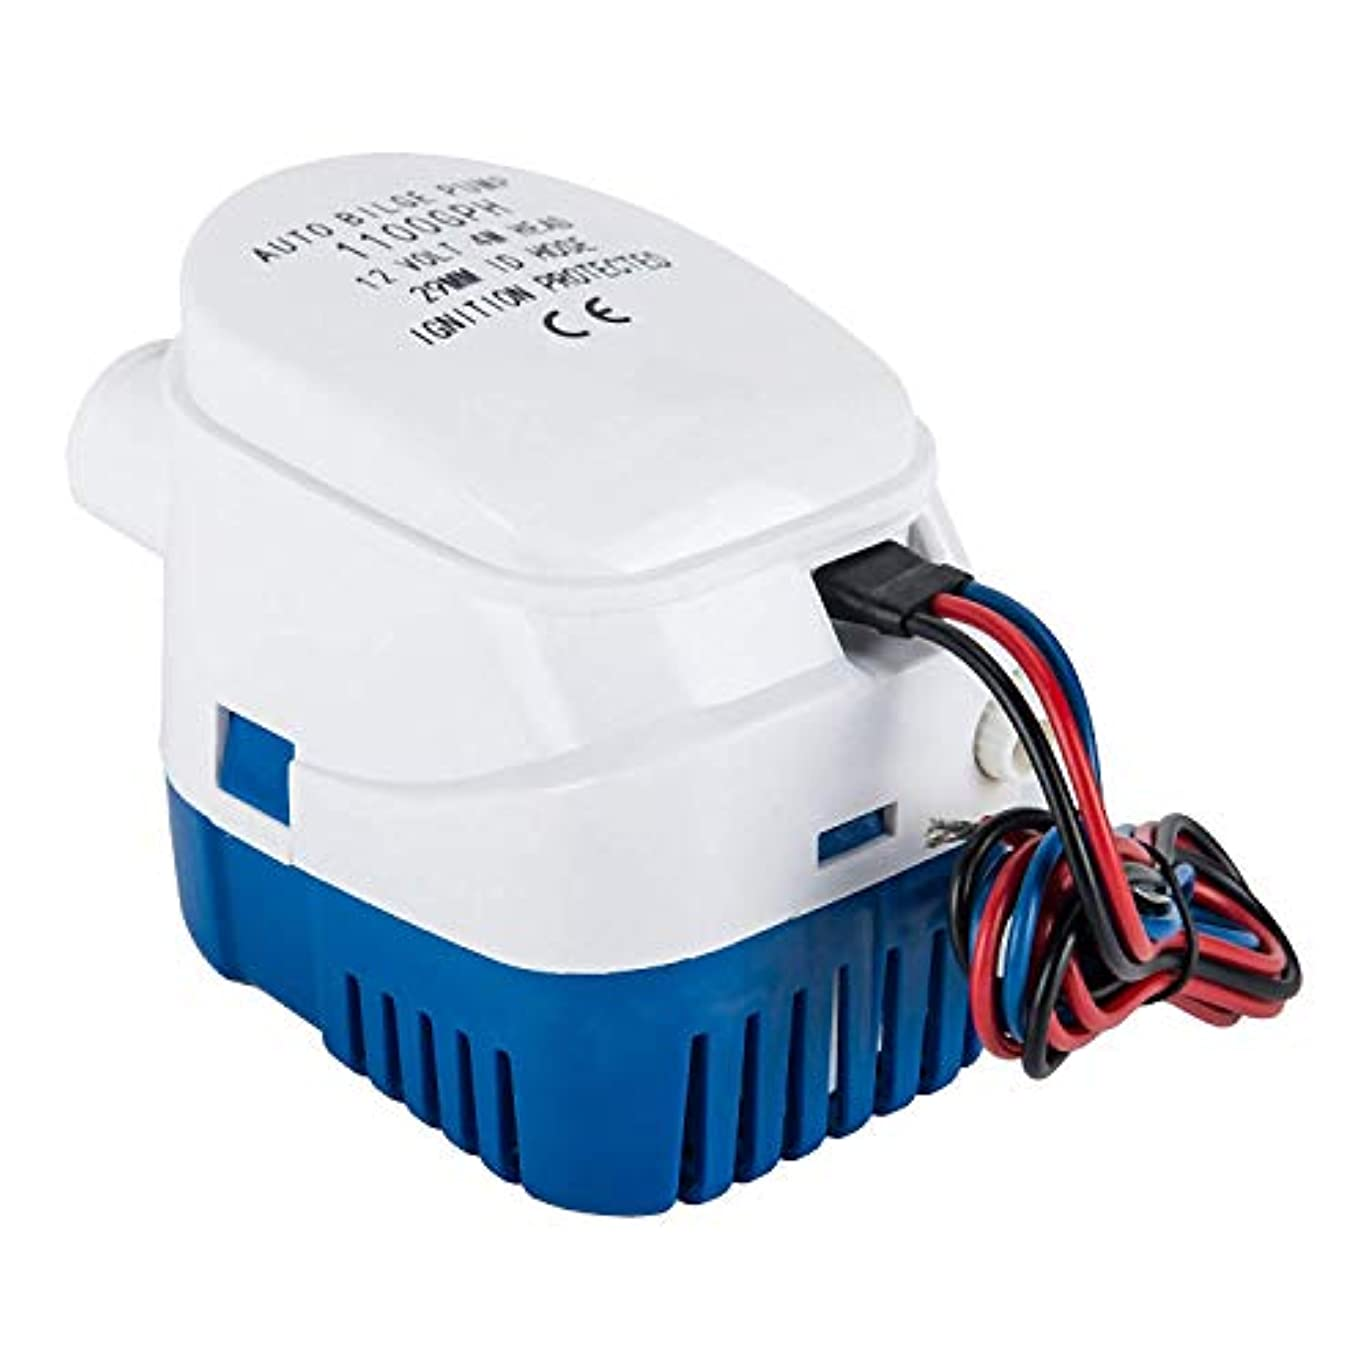 続けるスクリーチくまCUHAWUDBA 潜水用自動ボートのビルジポンプ1100GPH電気ボートの配管 自動12V